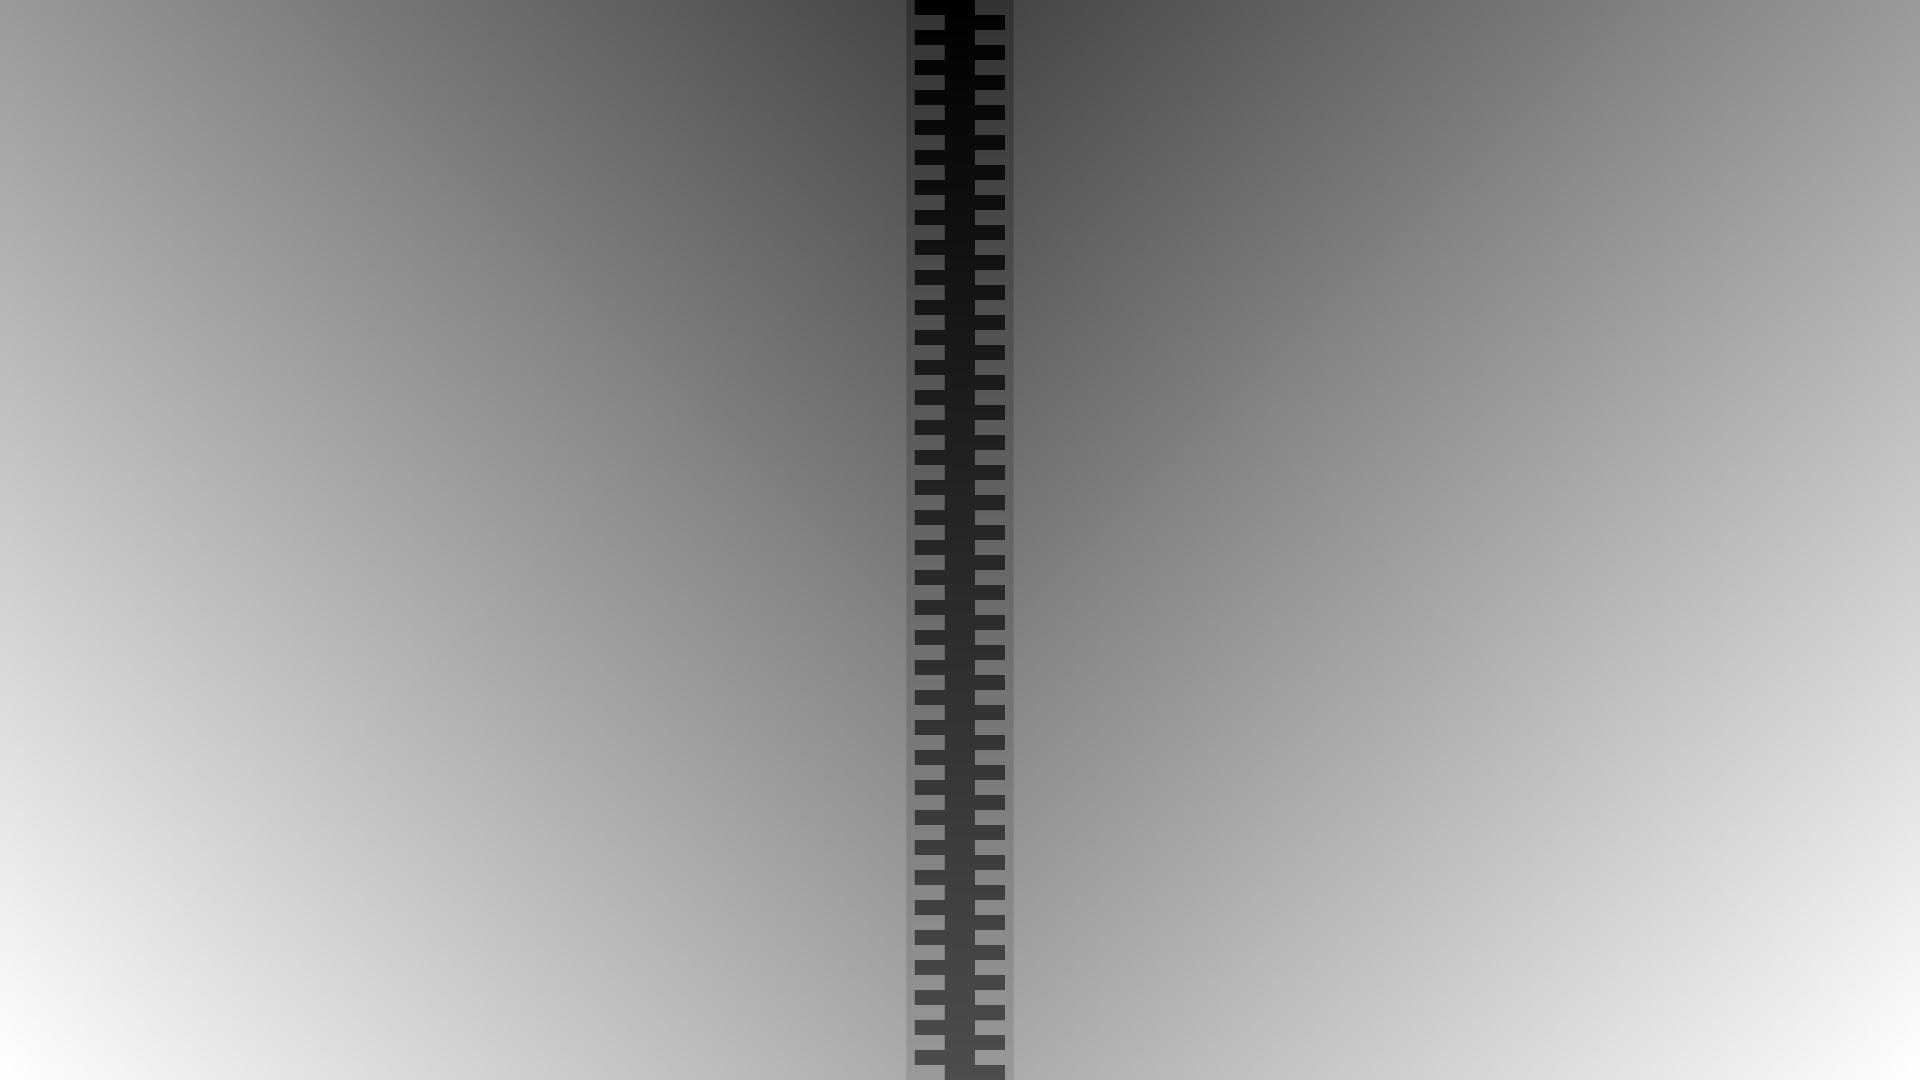 1080p_rule13_3